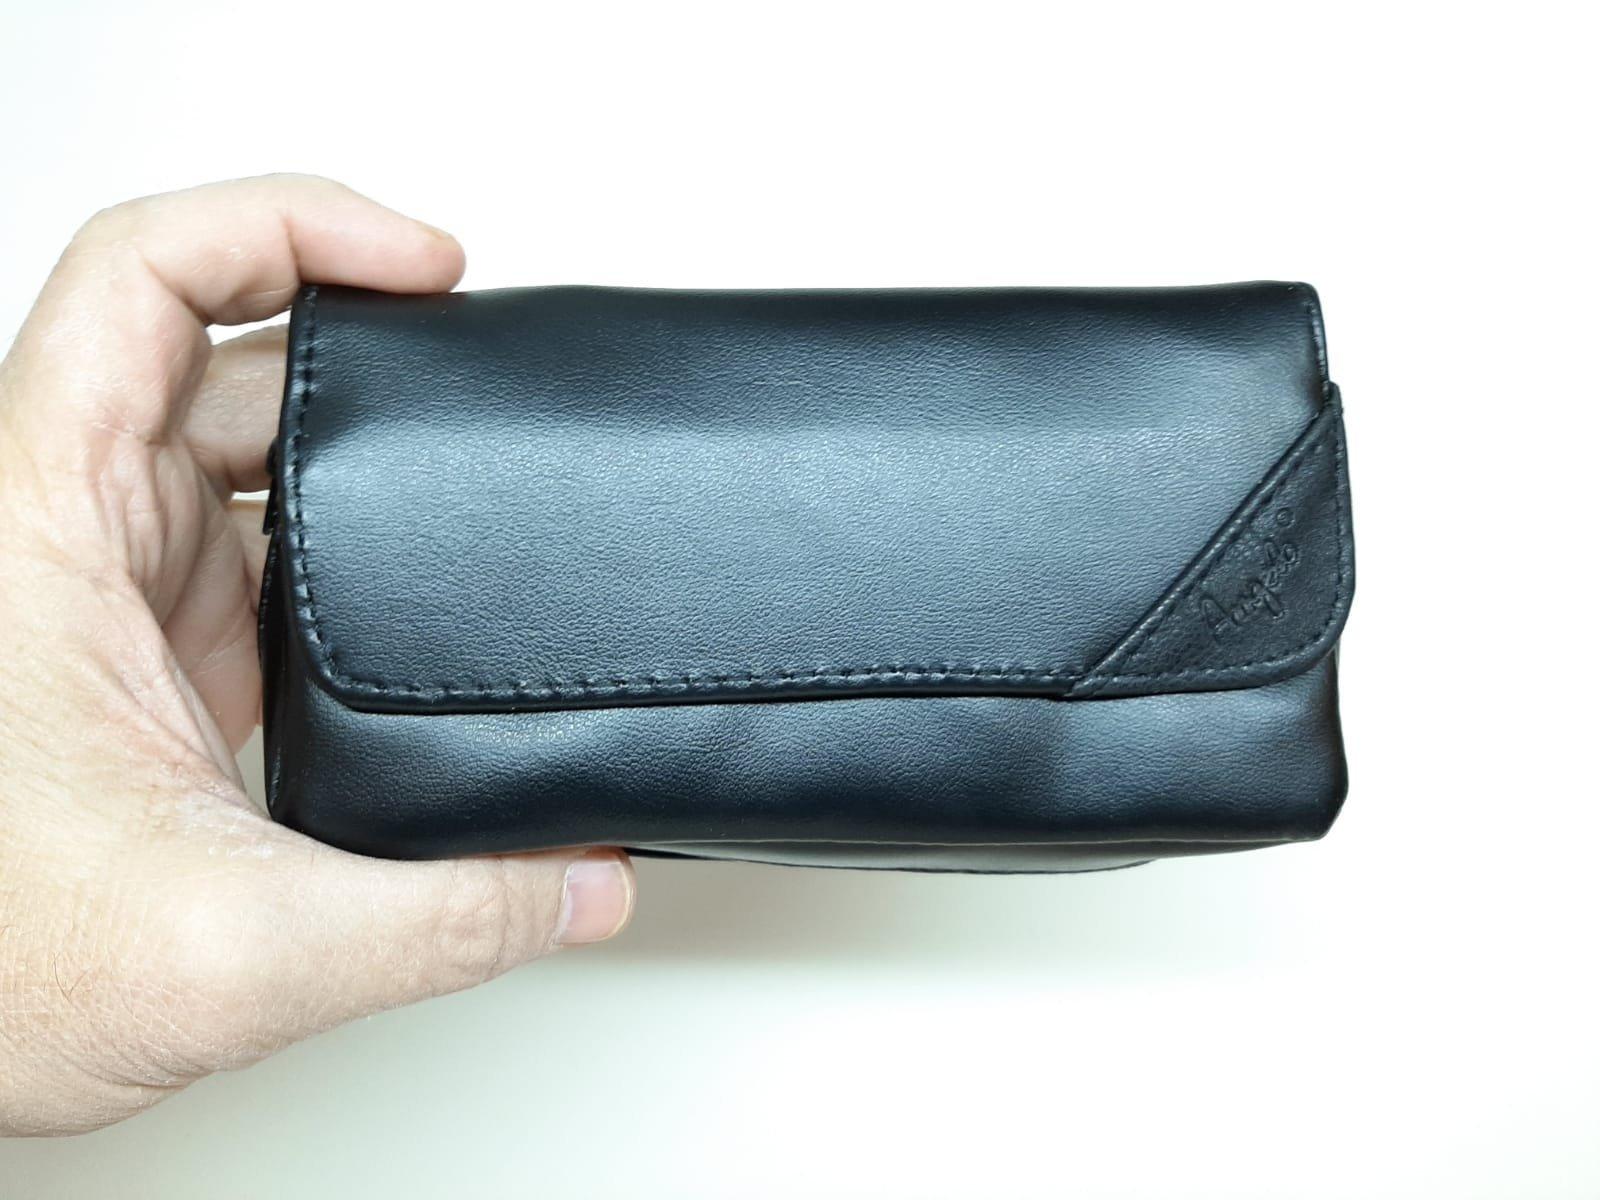 pip väska, väskor till pipor , pipa tillbehör , piptobak. av Angelo